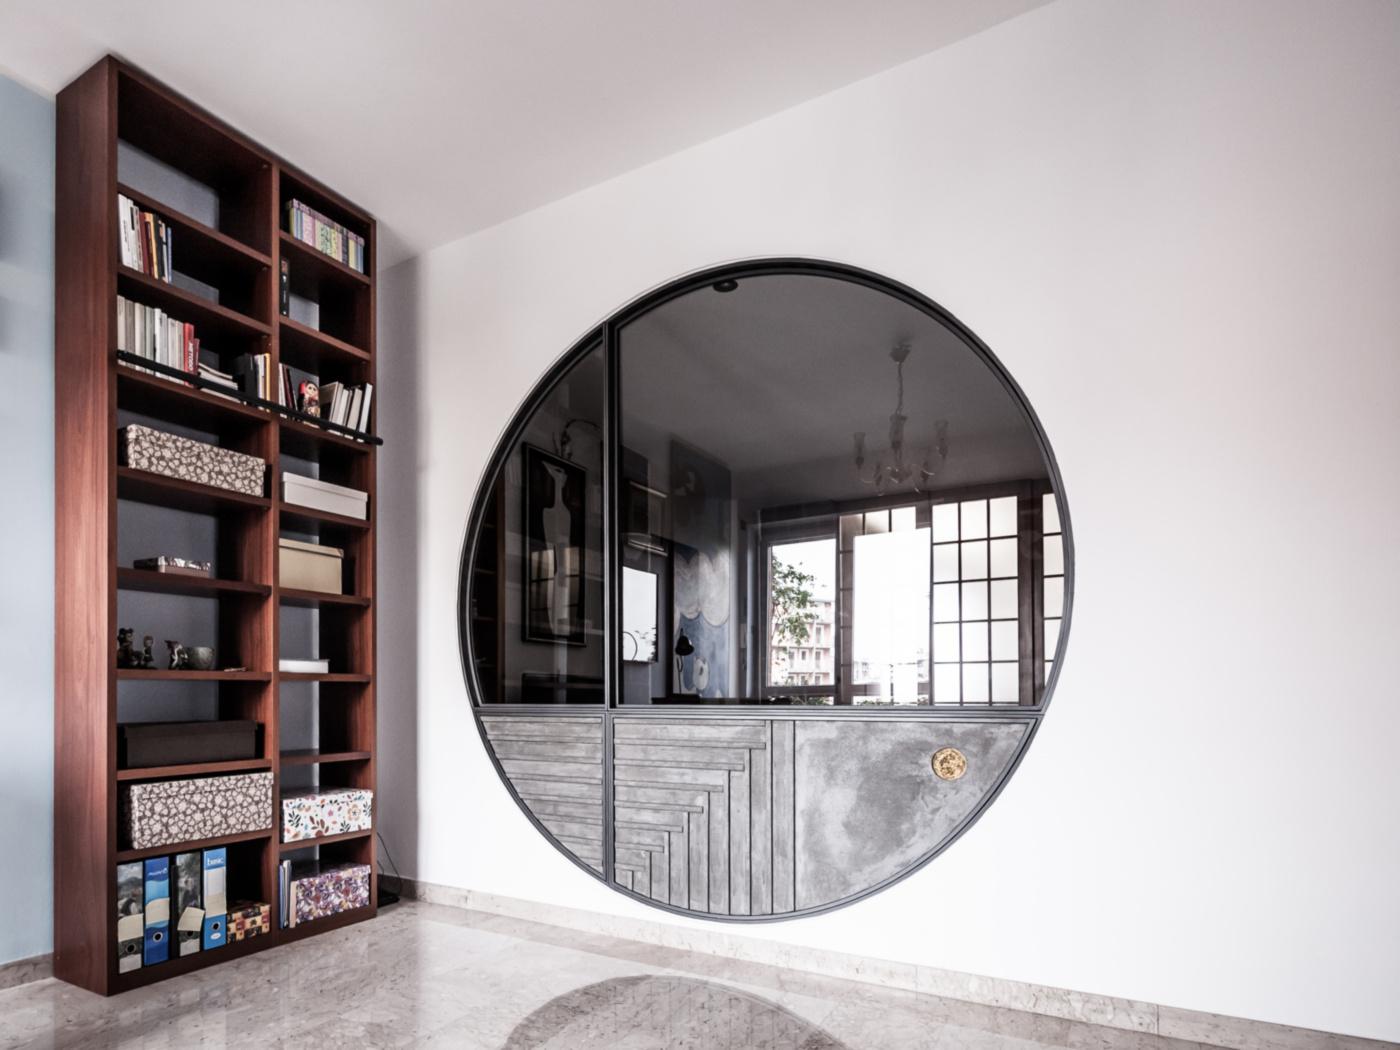 Trasformare una vetrata interna in un piccolo gioiello di interior design. Il lato studio modello il calcestruzzo e la foglia d'oro | Bottega di Architettura